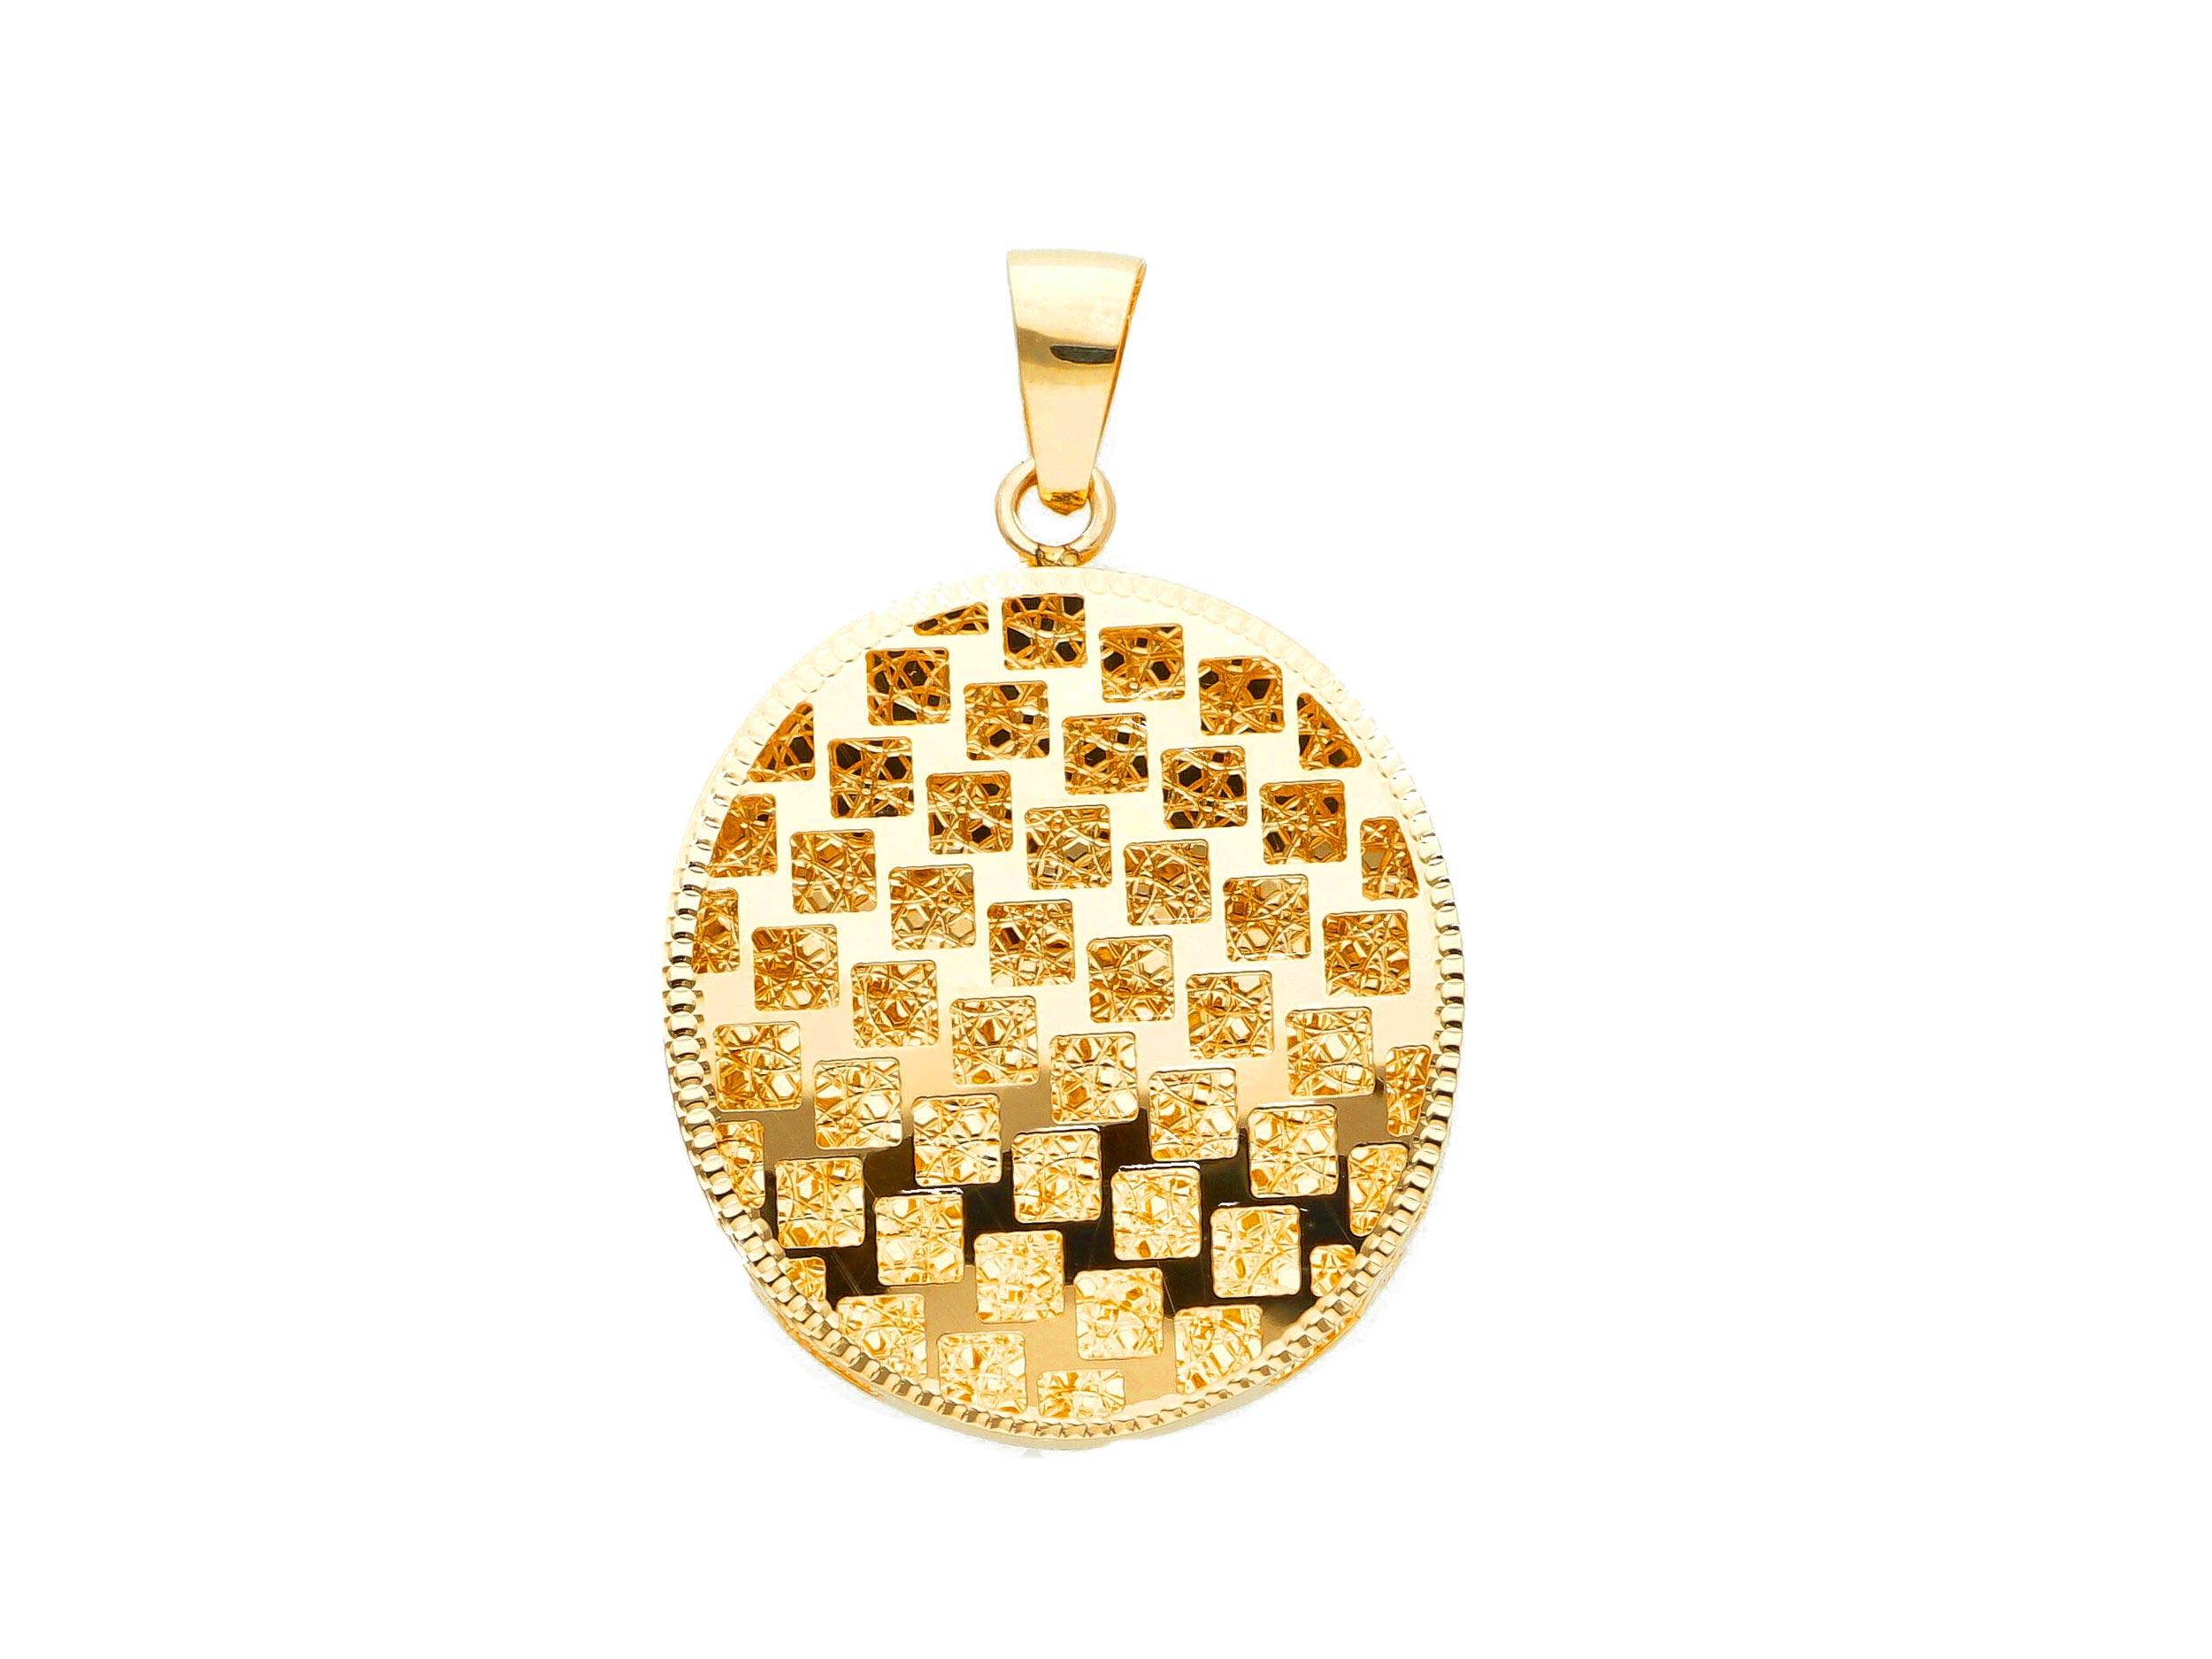 Beautiful 18ct Yellow Gold Pendant